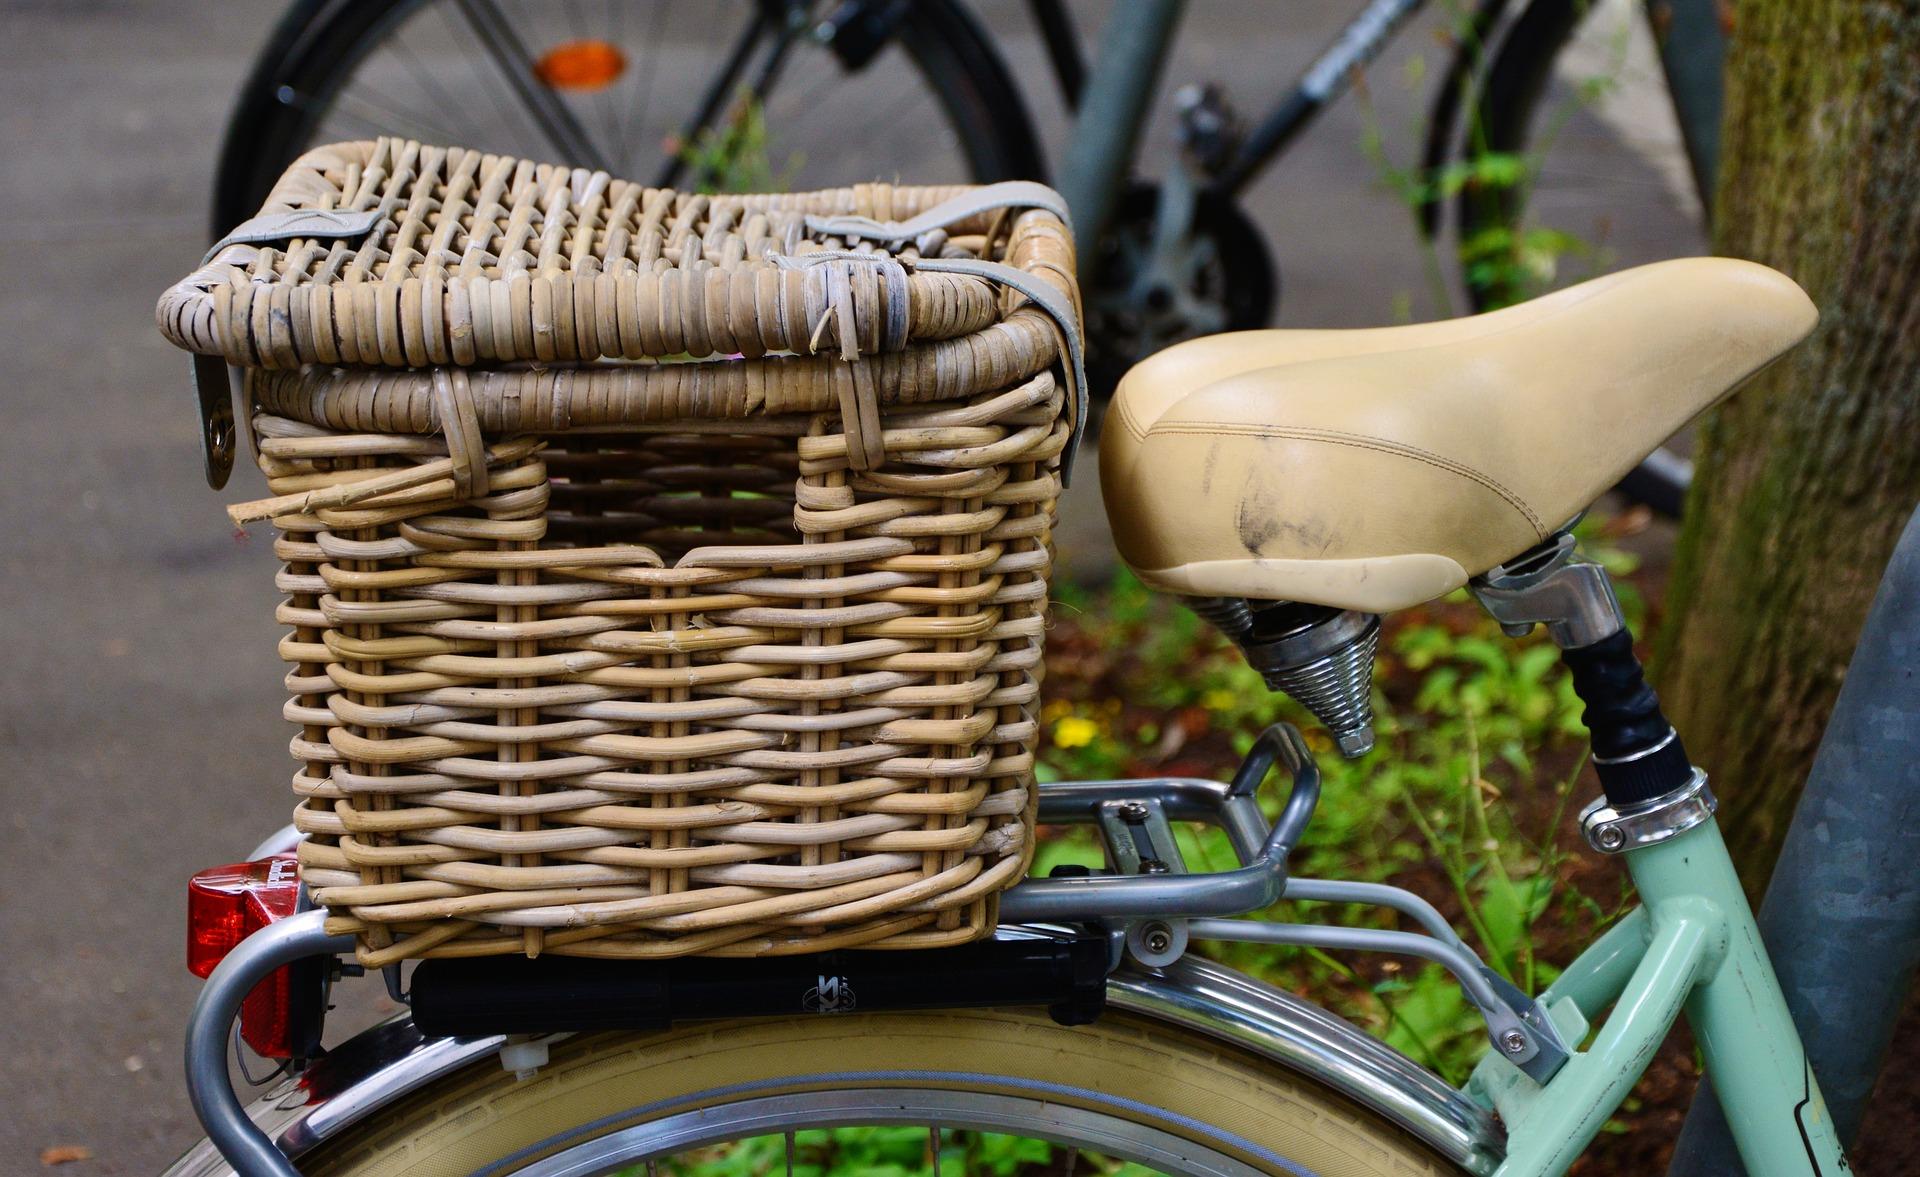 bike-2477954_1920.jpg